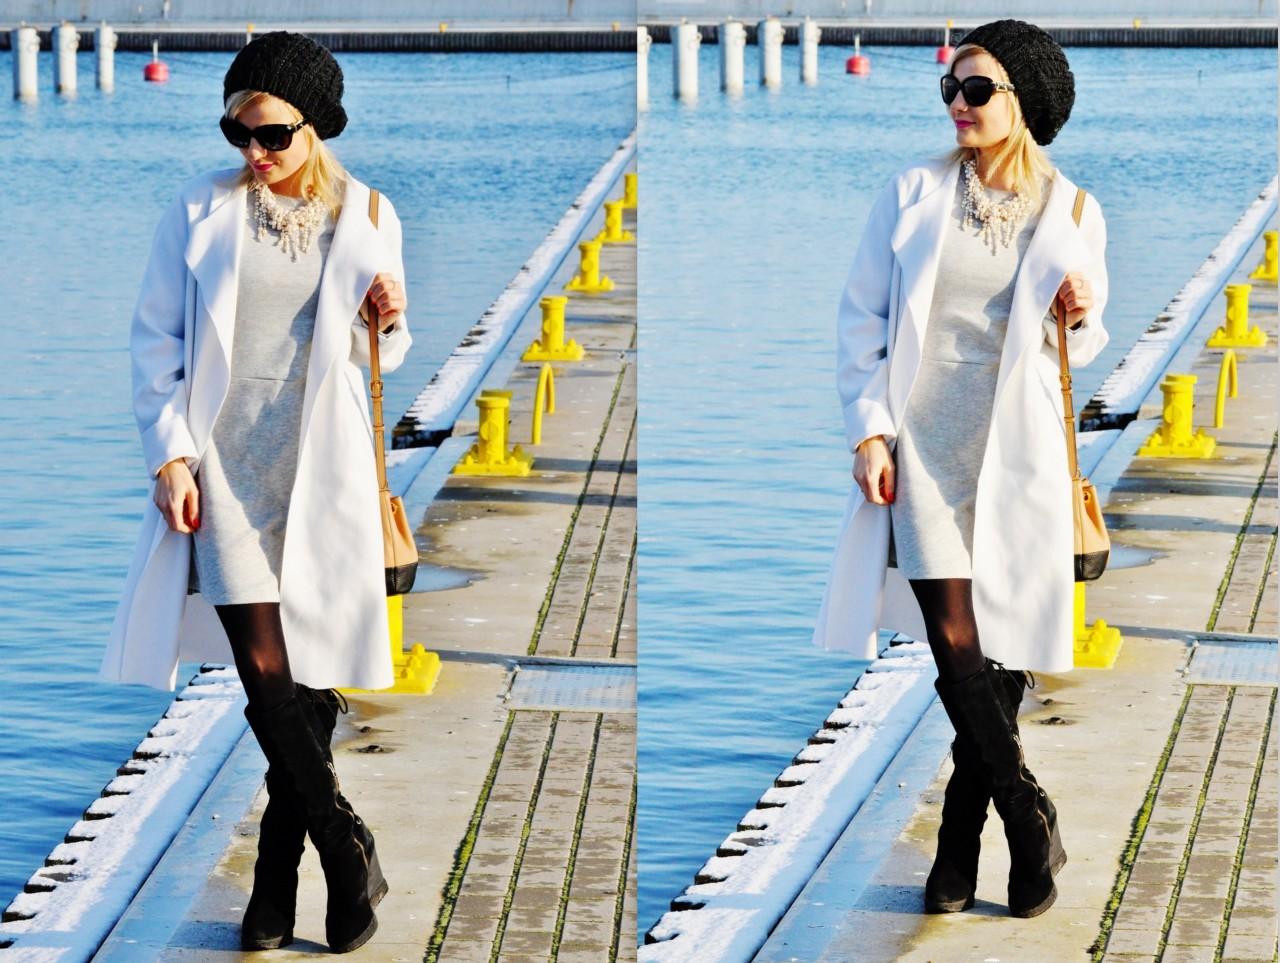 biały płaszcz blog modowy blog urodowy blog liestylowy fashionable gdynia